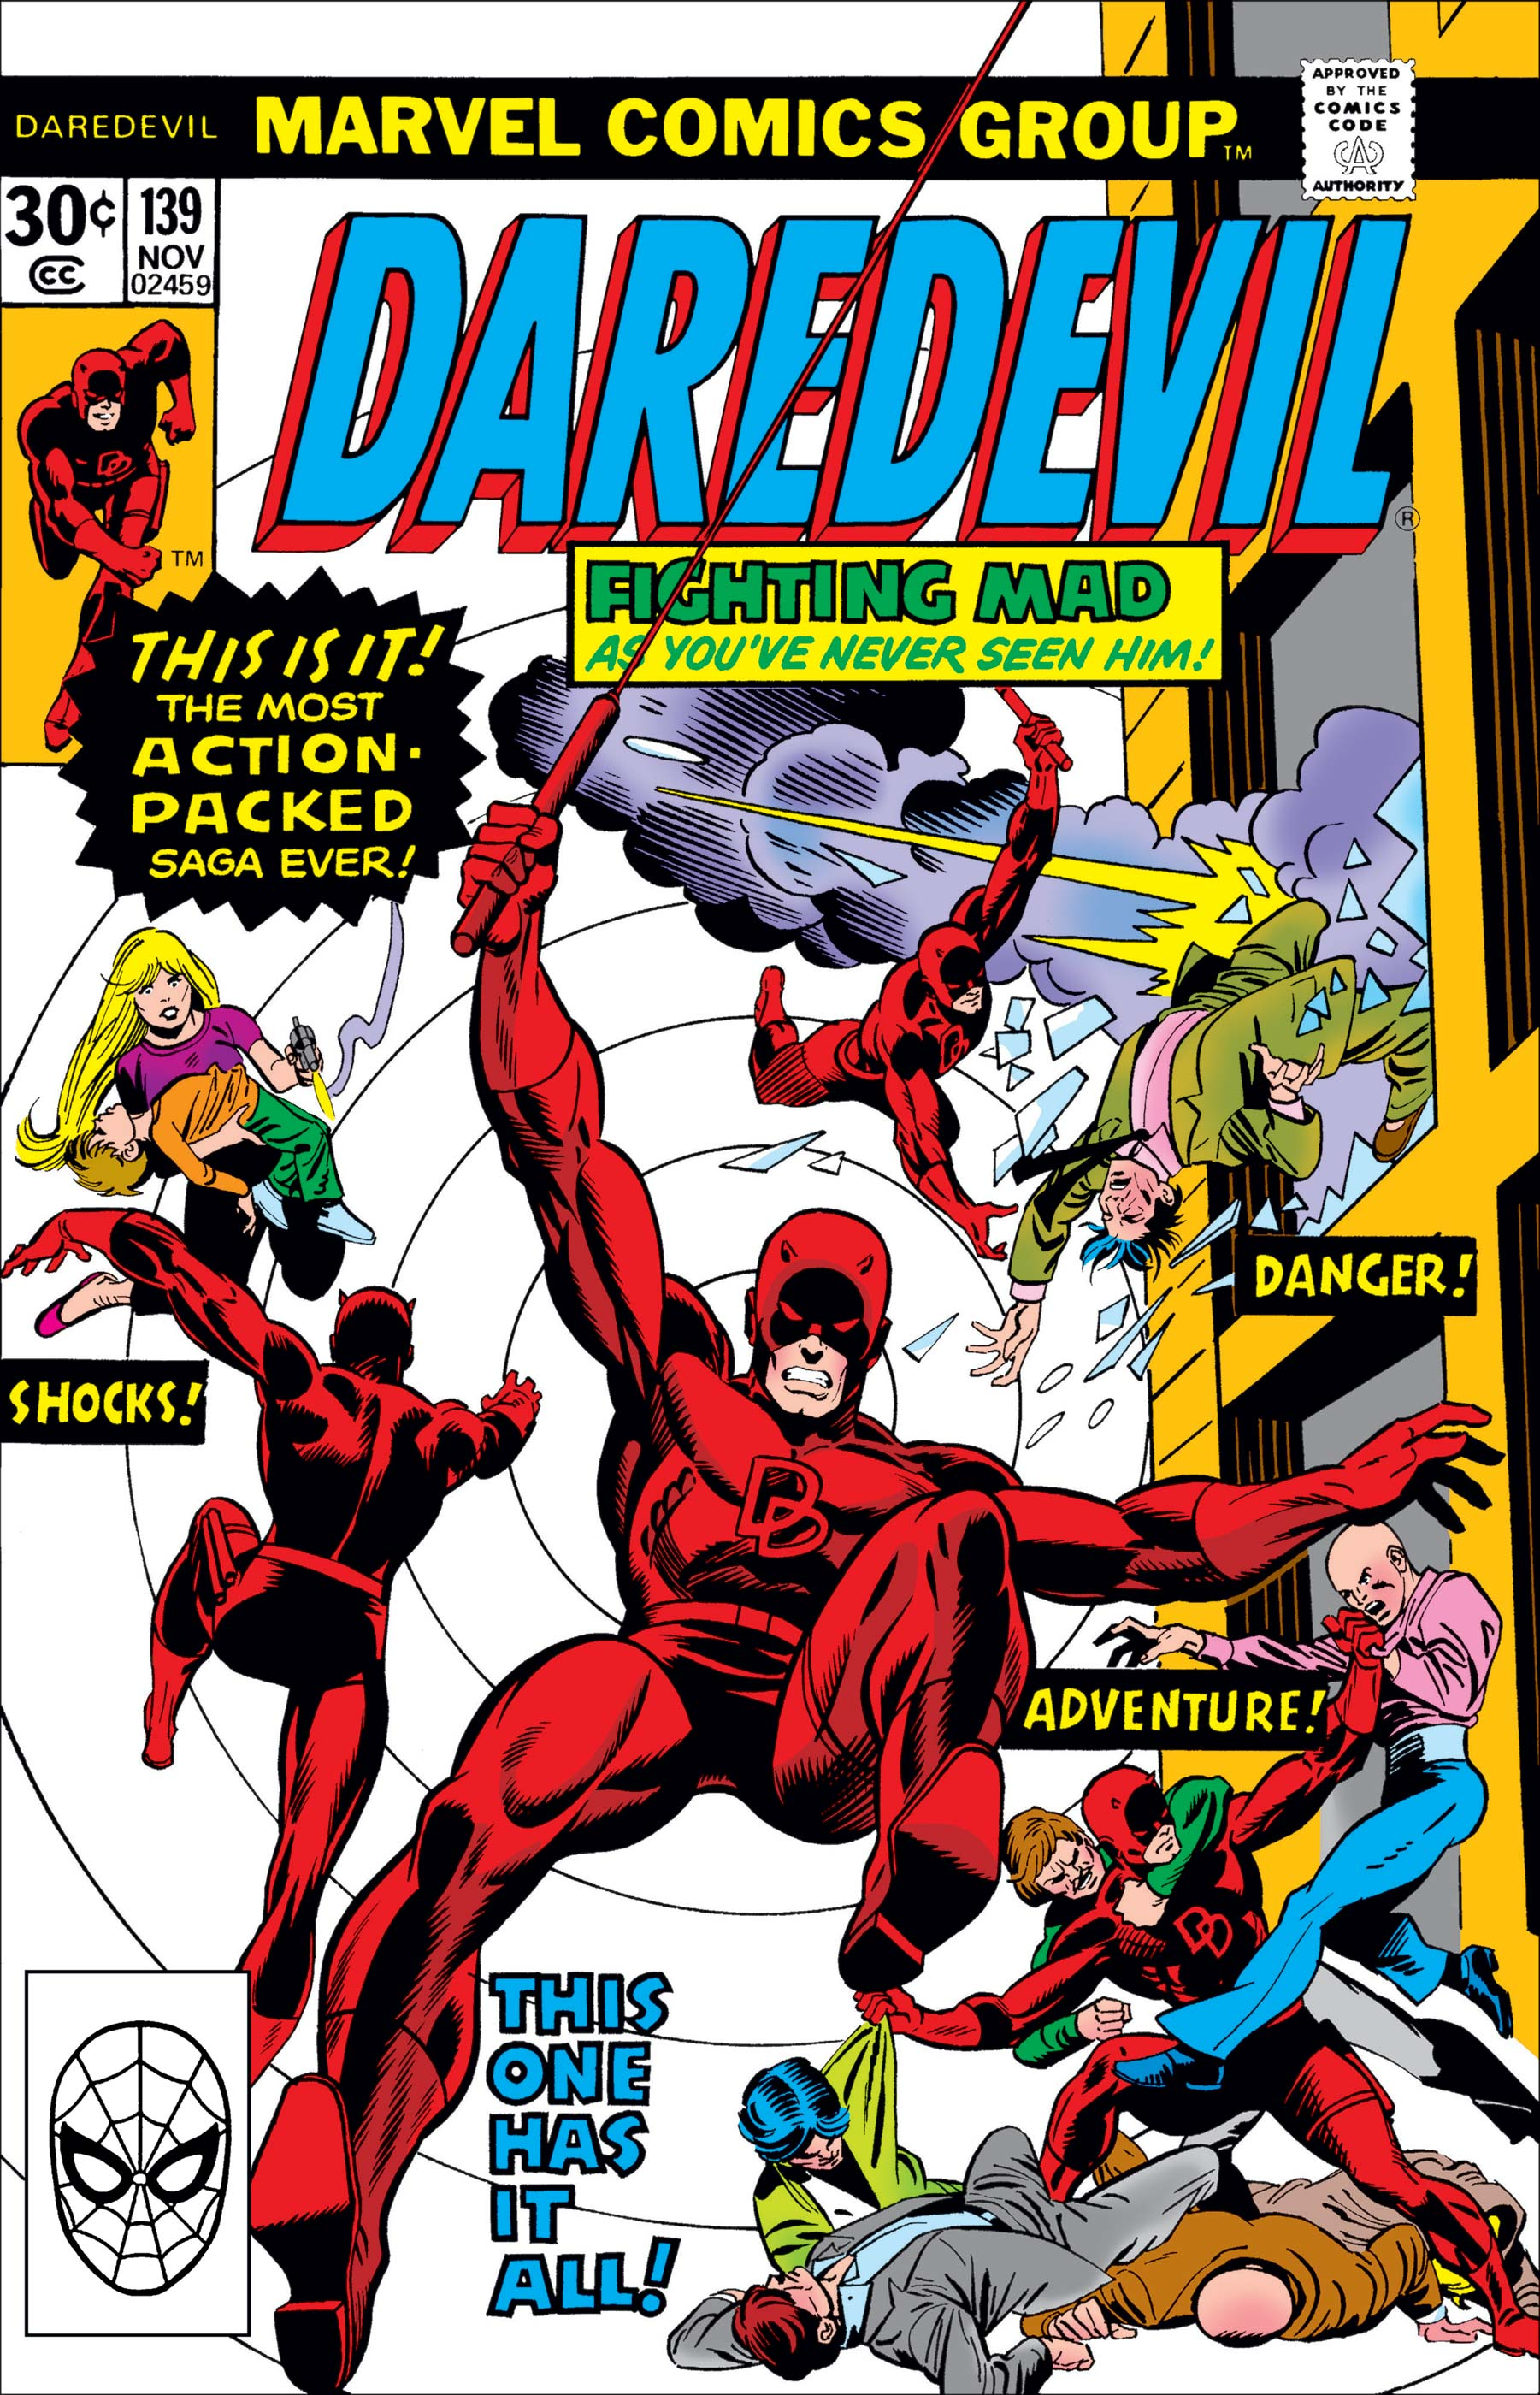 Daredevil (1964) #139